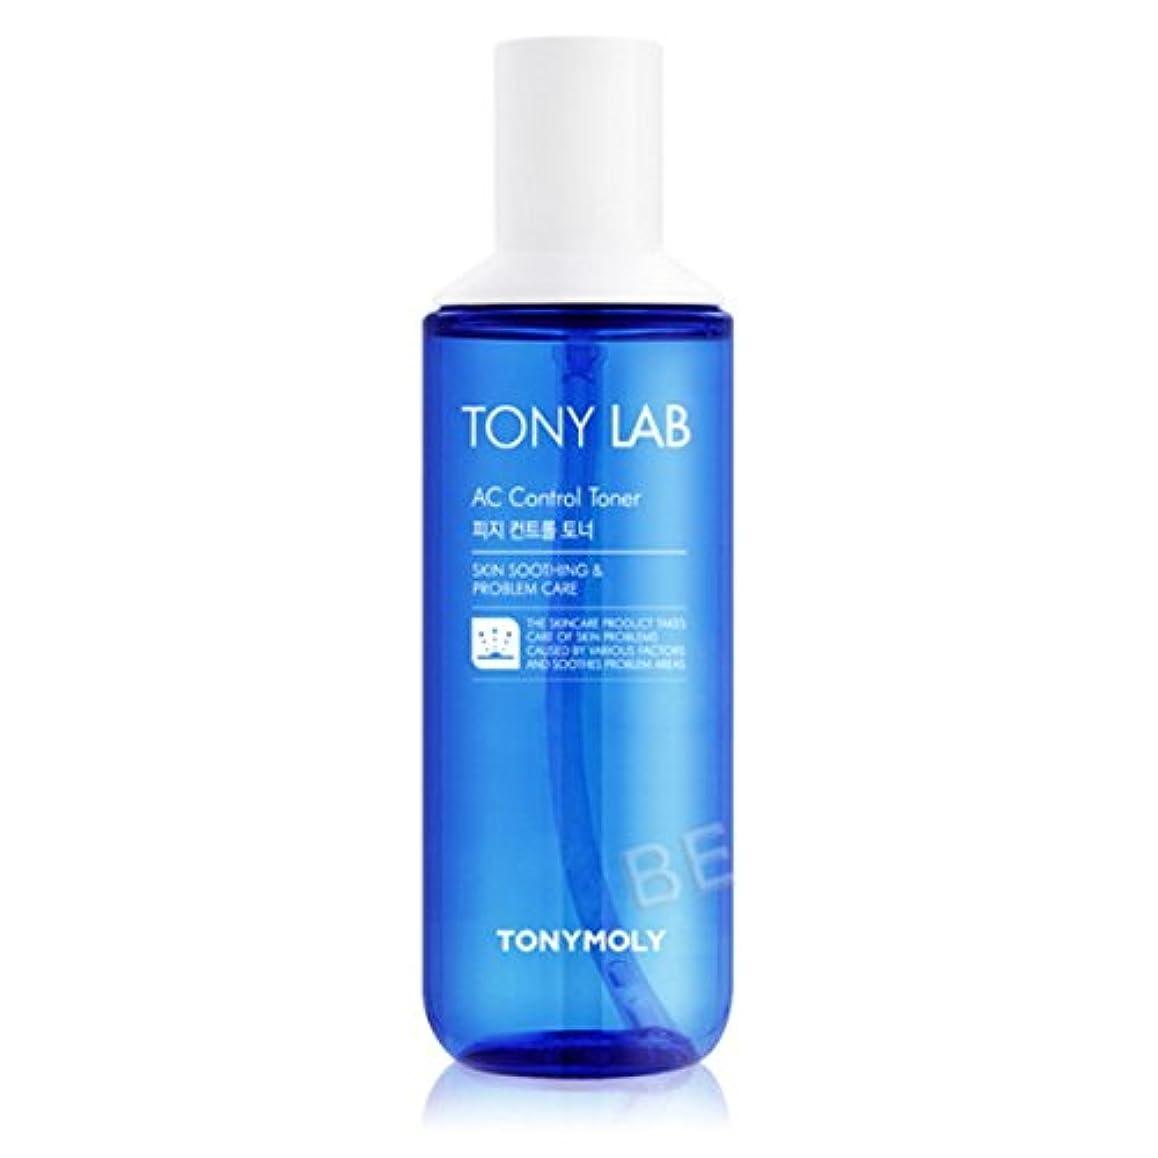 ストライド戦略なに(3 Pack) TONYMOLY Tony Lab AC Control Toner (並行輸入品)